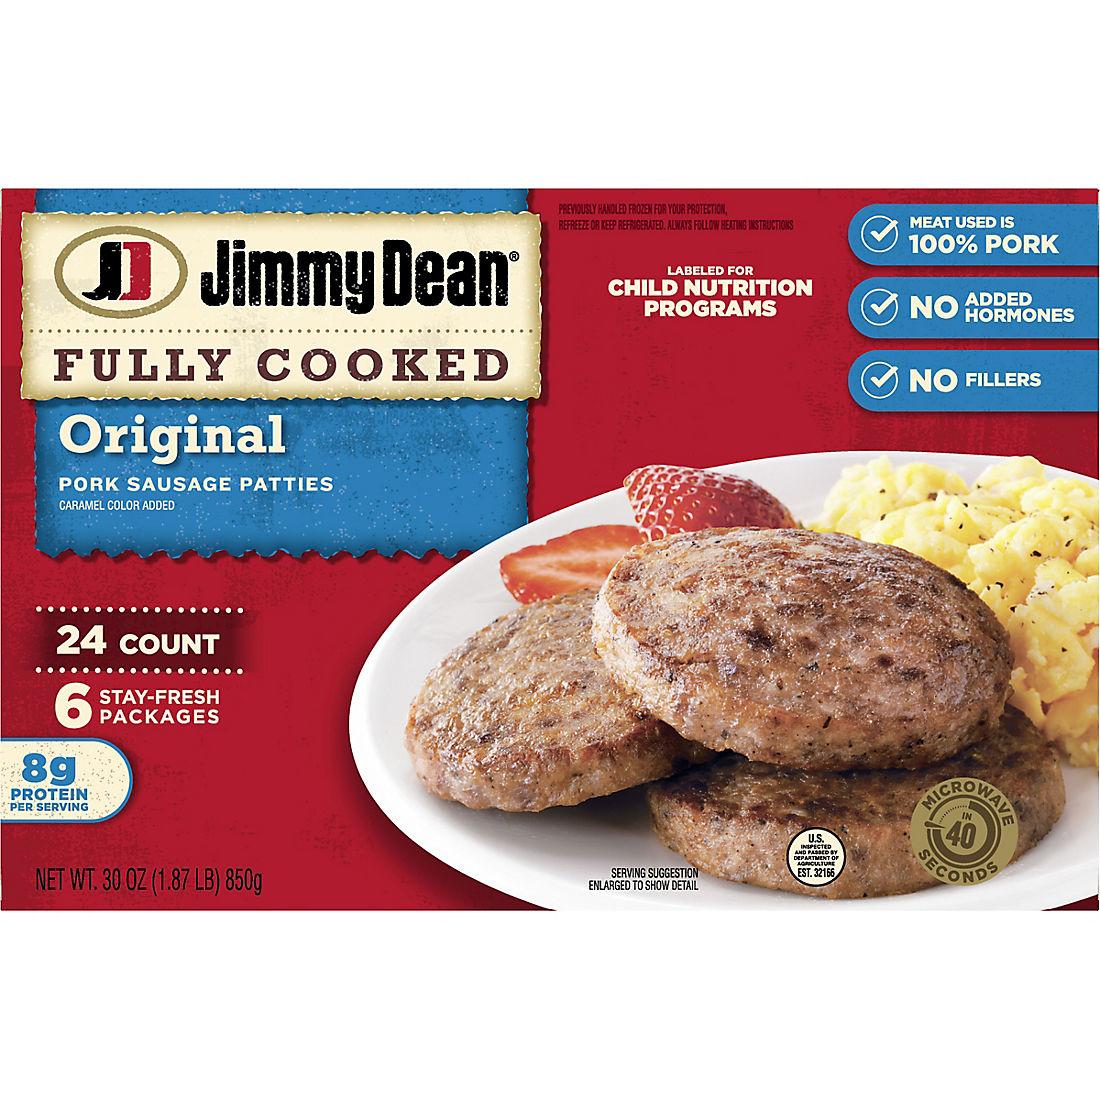 Jimmy Dean Original Pork Sausage